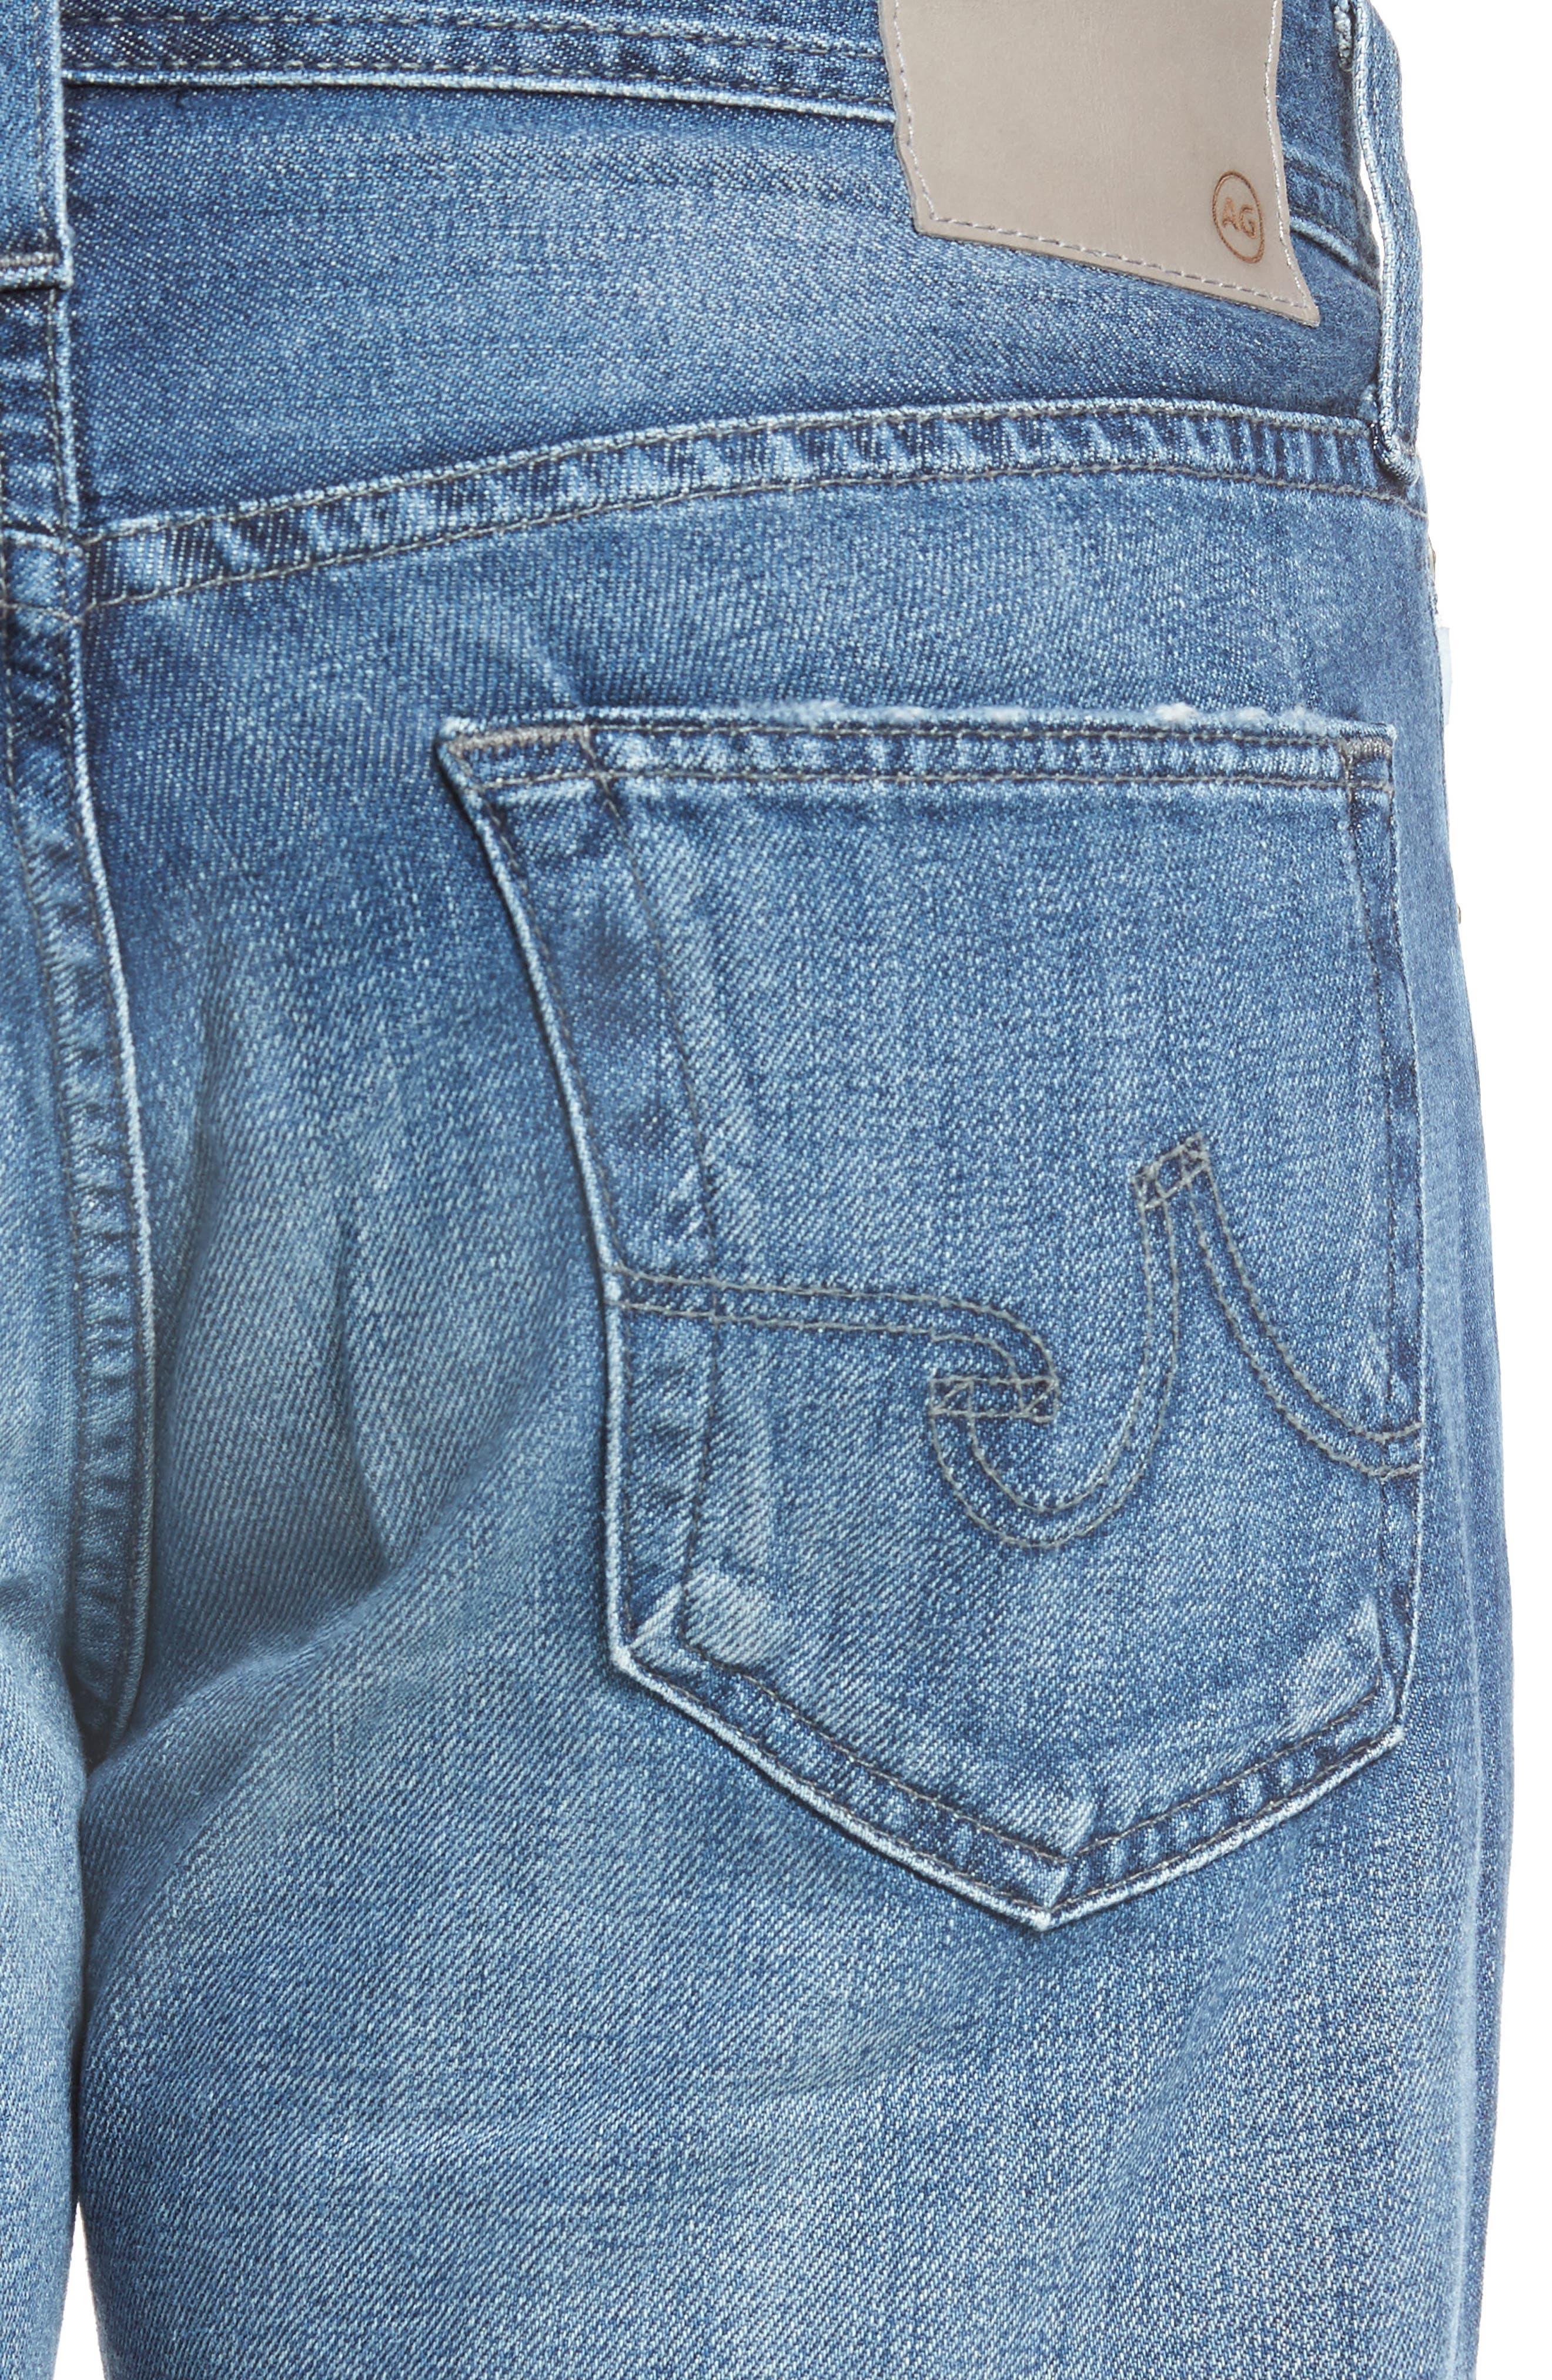 Protégé Relaxed Fit Jeans,                             Alternate thumbnail 4, color,                             472